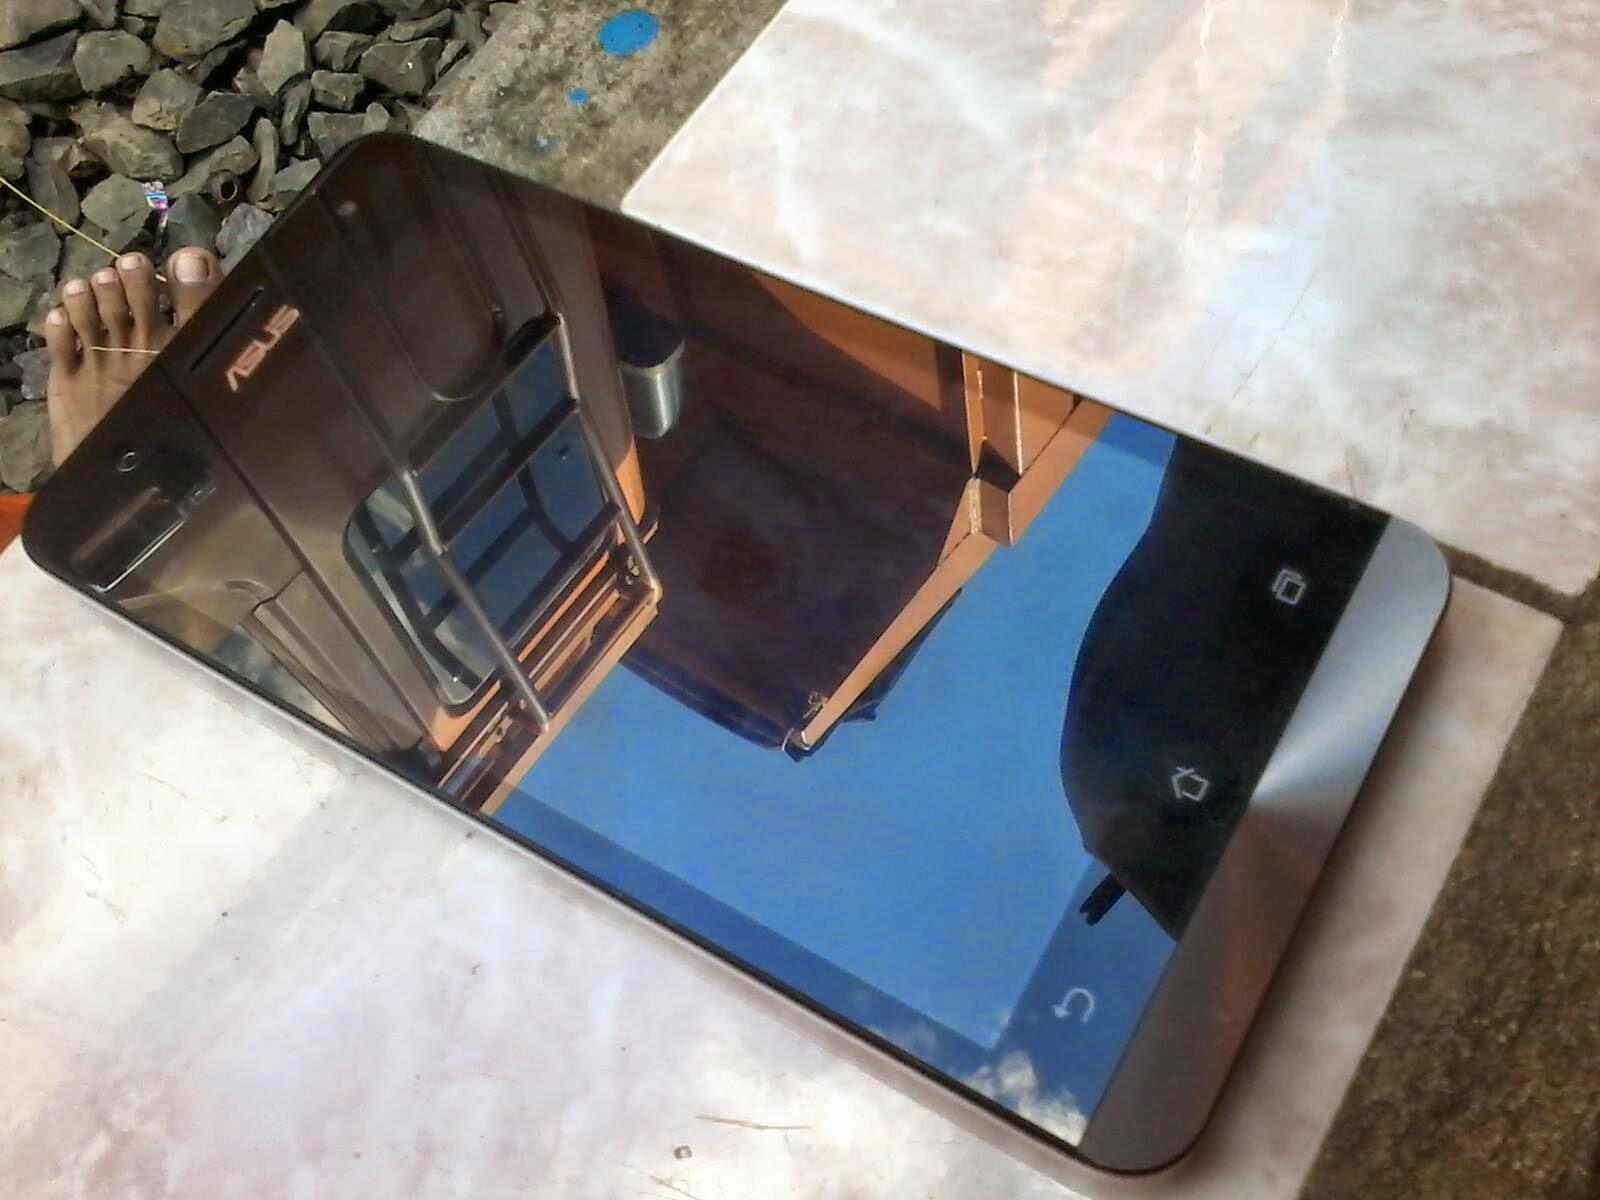 Harga Bekas Asus Zenfone 5 Memory 8 GB Full Set Dan Spesifikasi